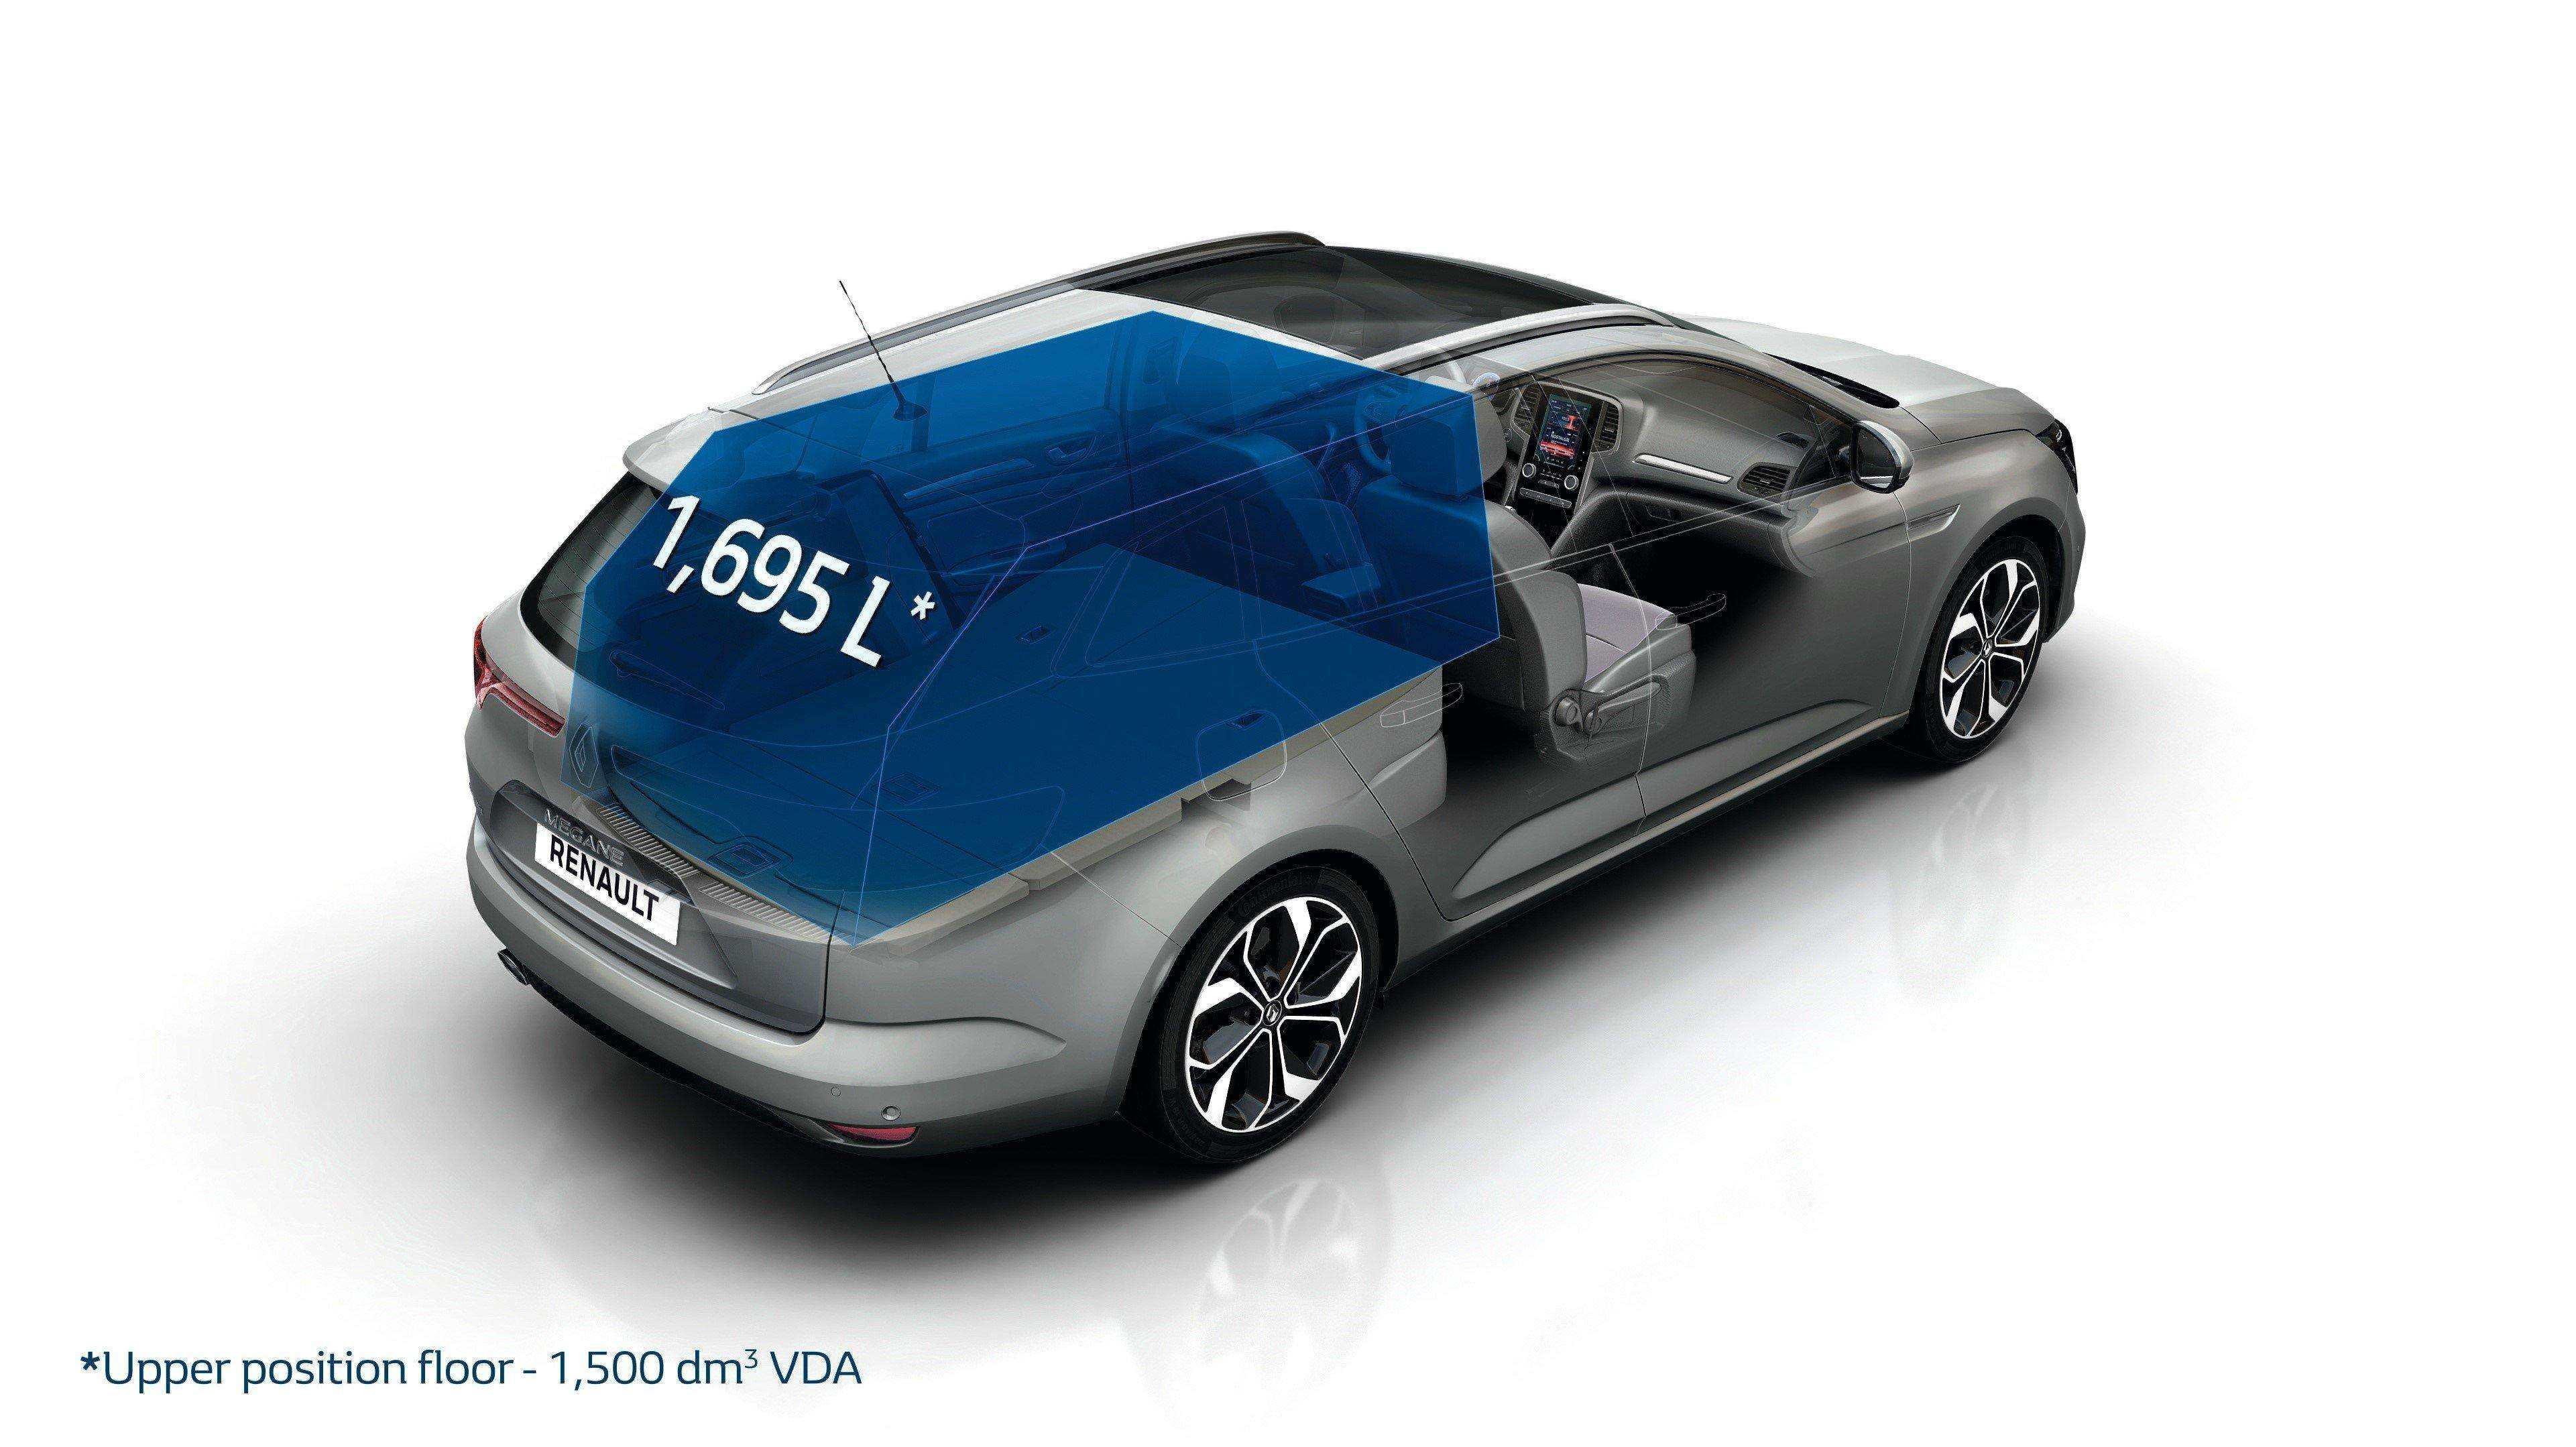 Renault_76130_global_en